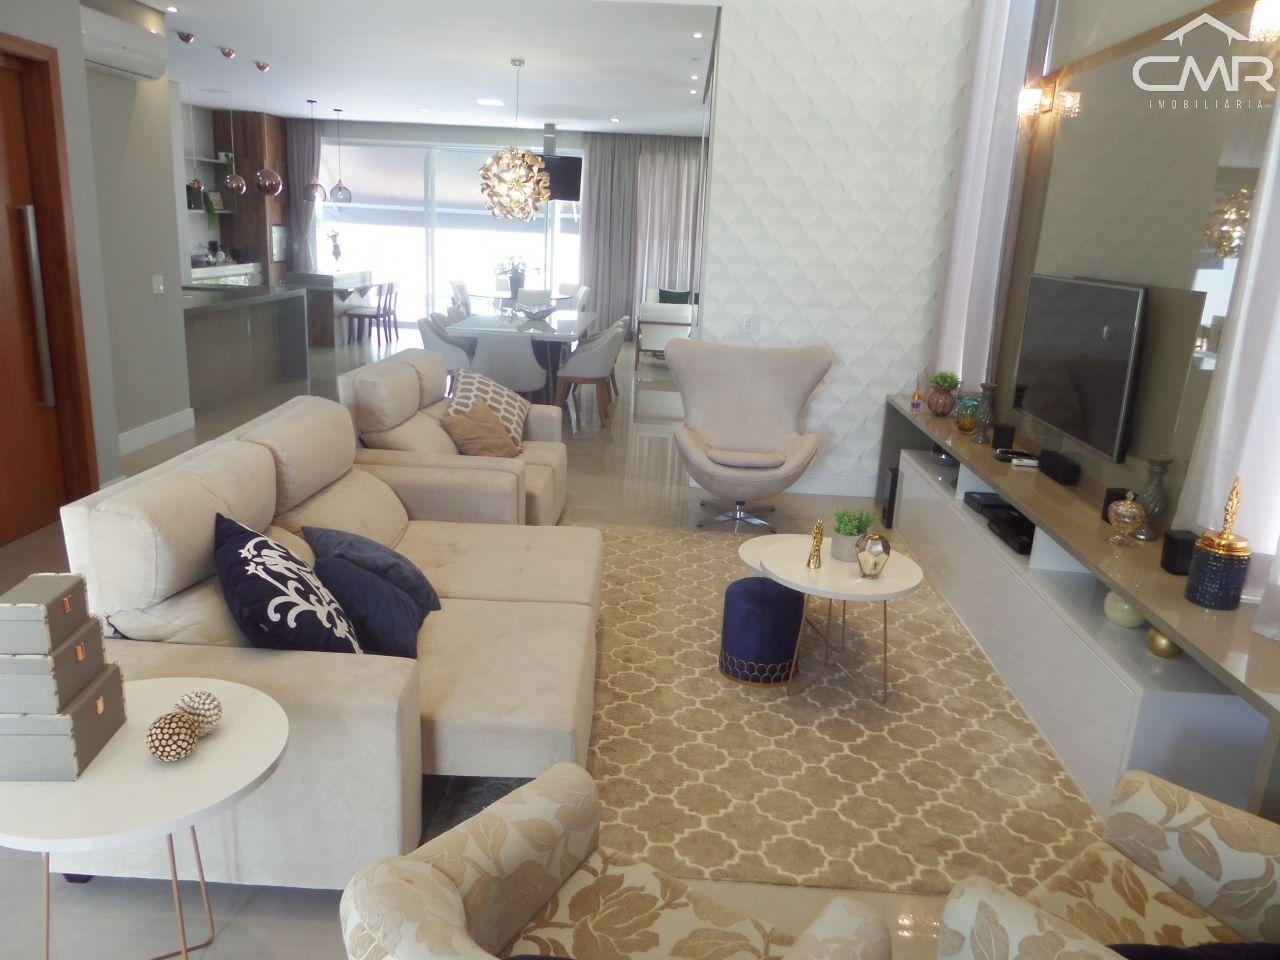 Casa em condomínio à venda  no Santa Rosa - Piracicaba, SP. Imóveis